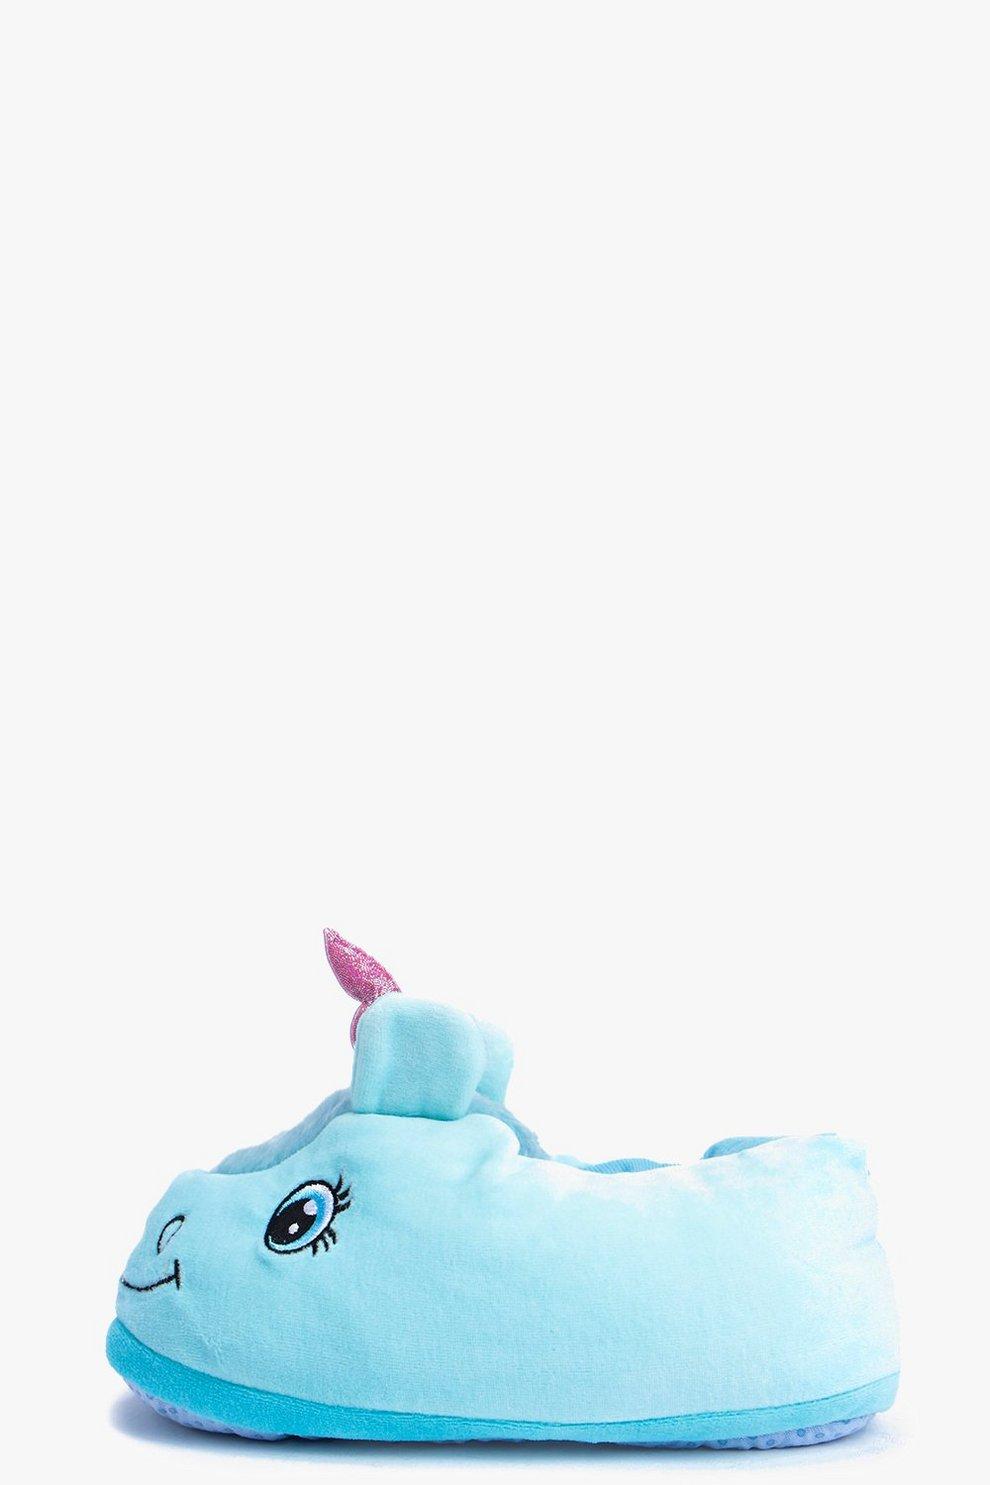 1c20c672e66e Unicorn Novelty Slippers